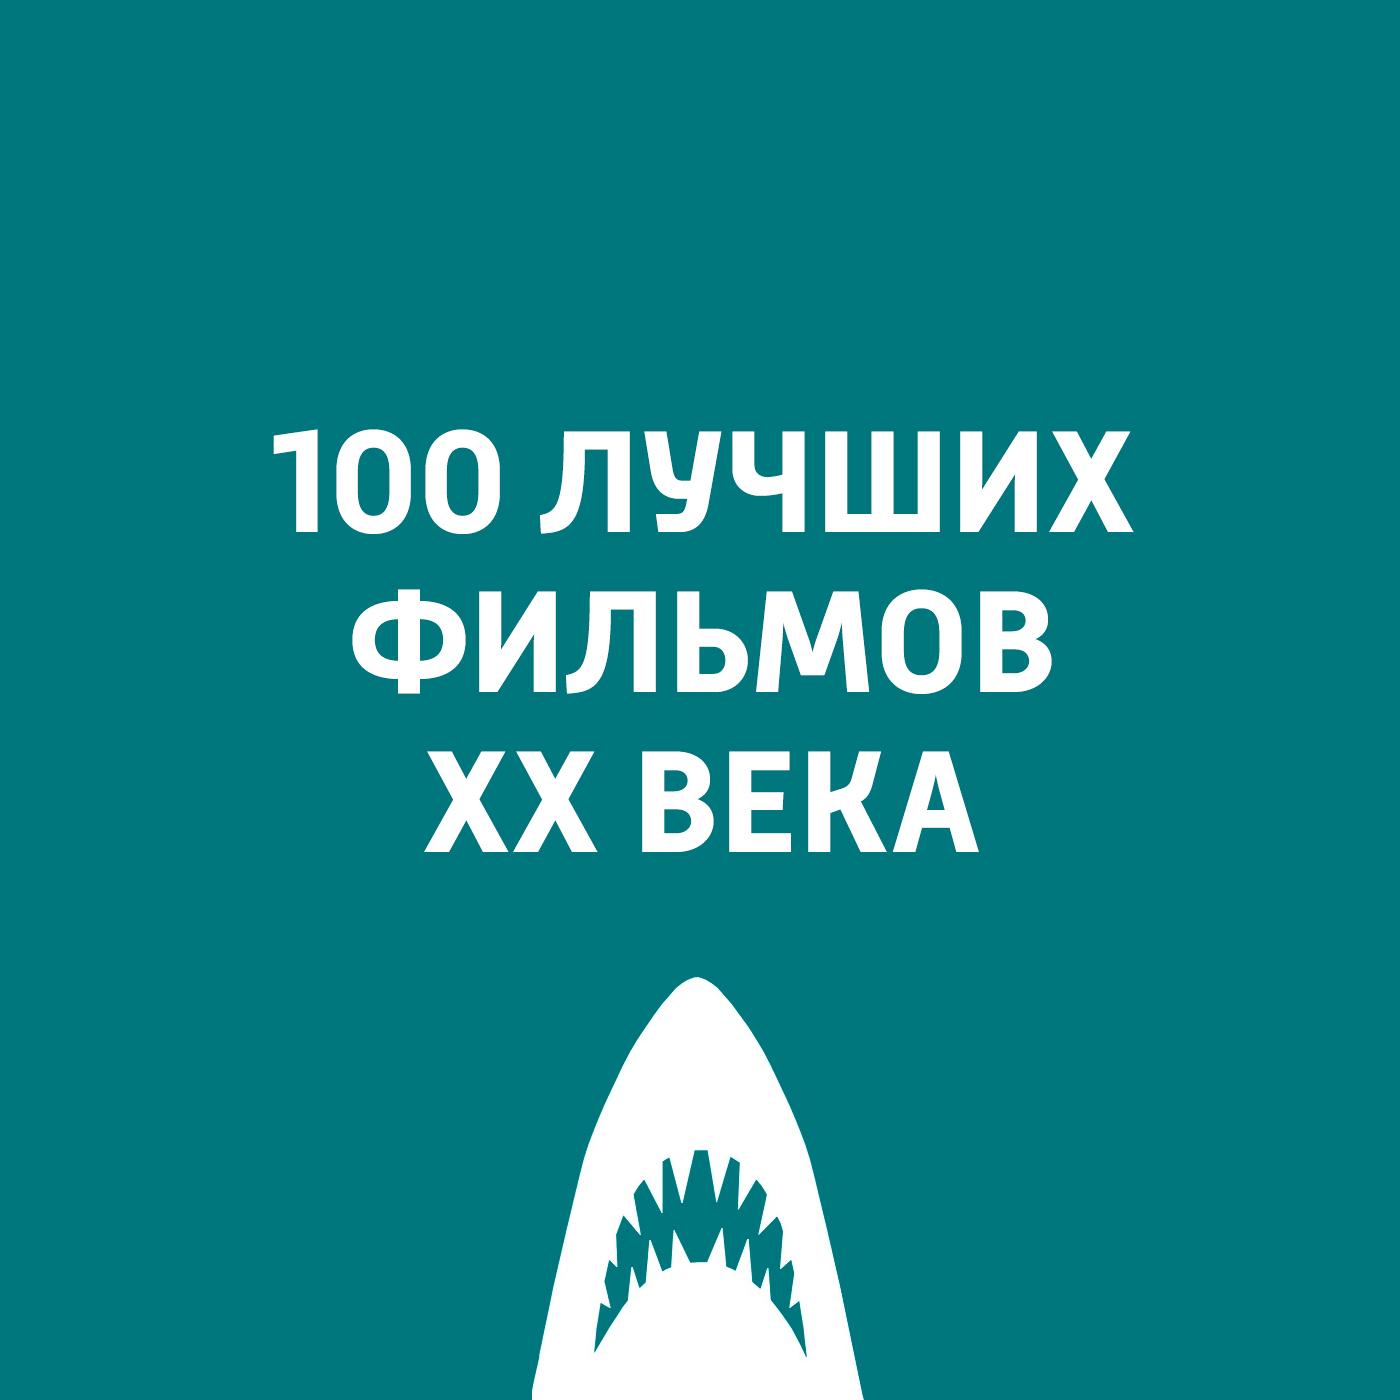 Антон Долин Женщины на грани нервного срыва отдых на грани нервного срыва